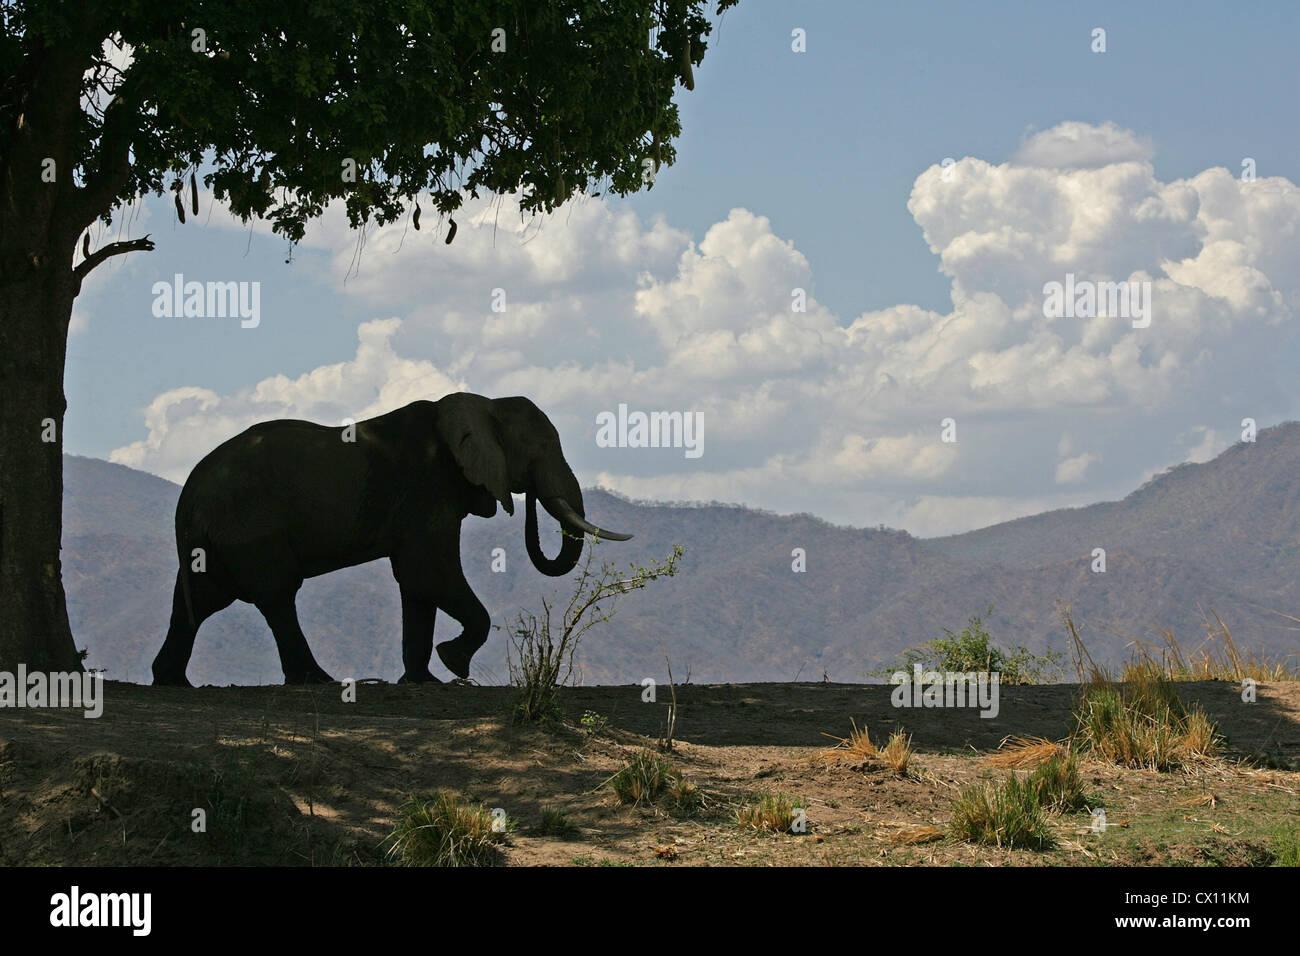 Elefante africano a Bull e salsiccia tree, Mana Pools, Zimbabwe Immagini Stock